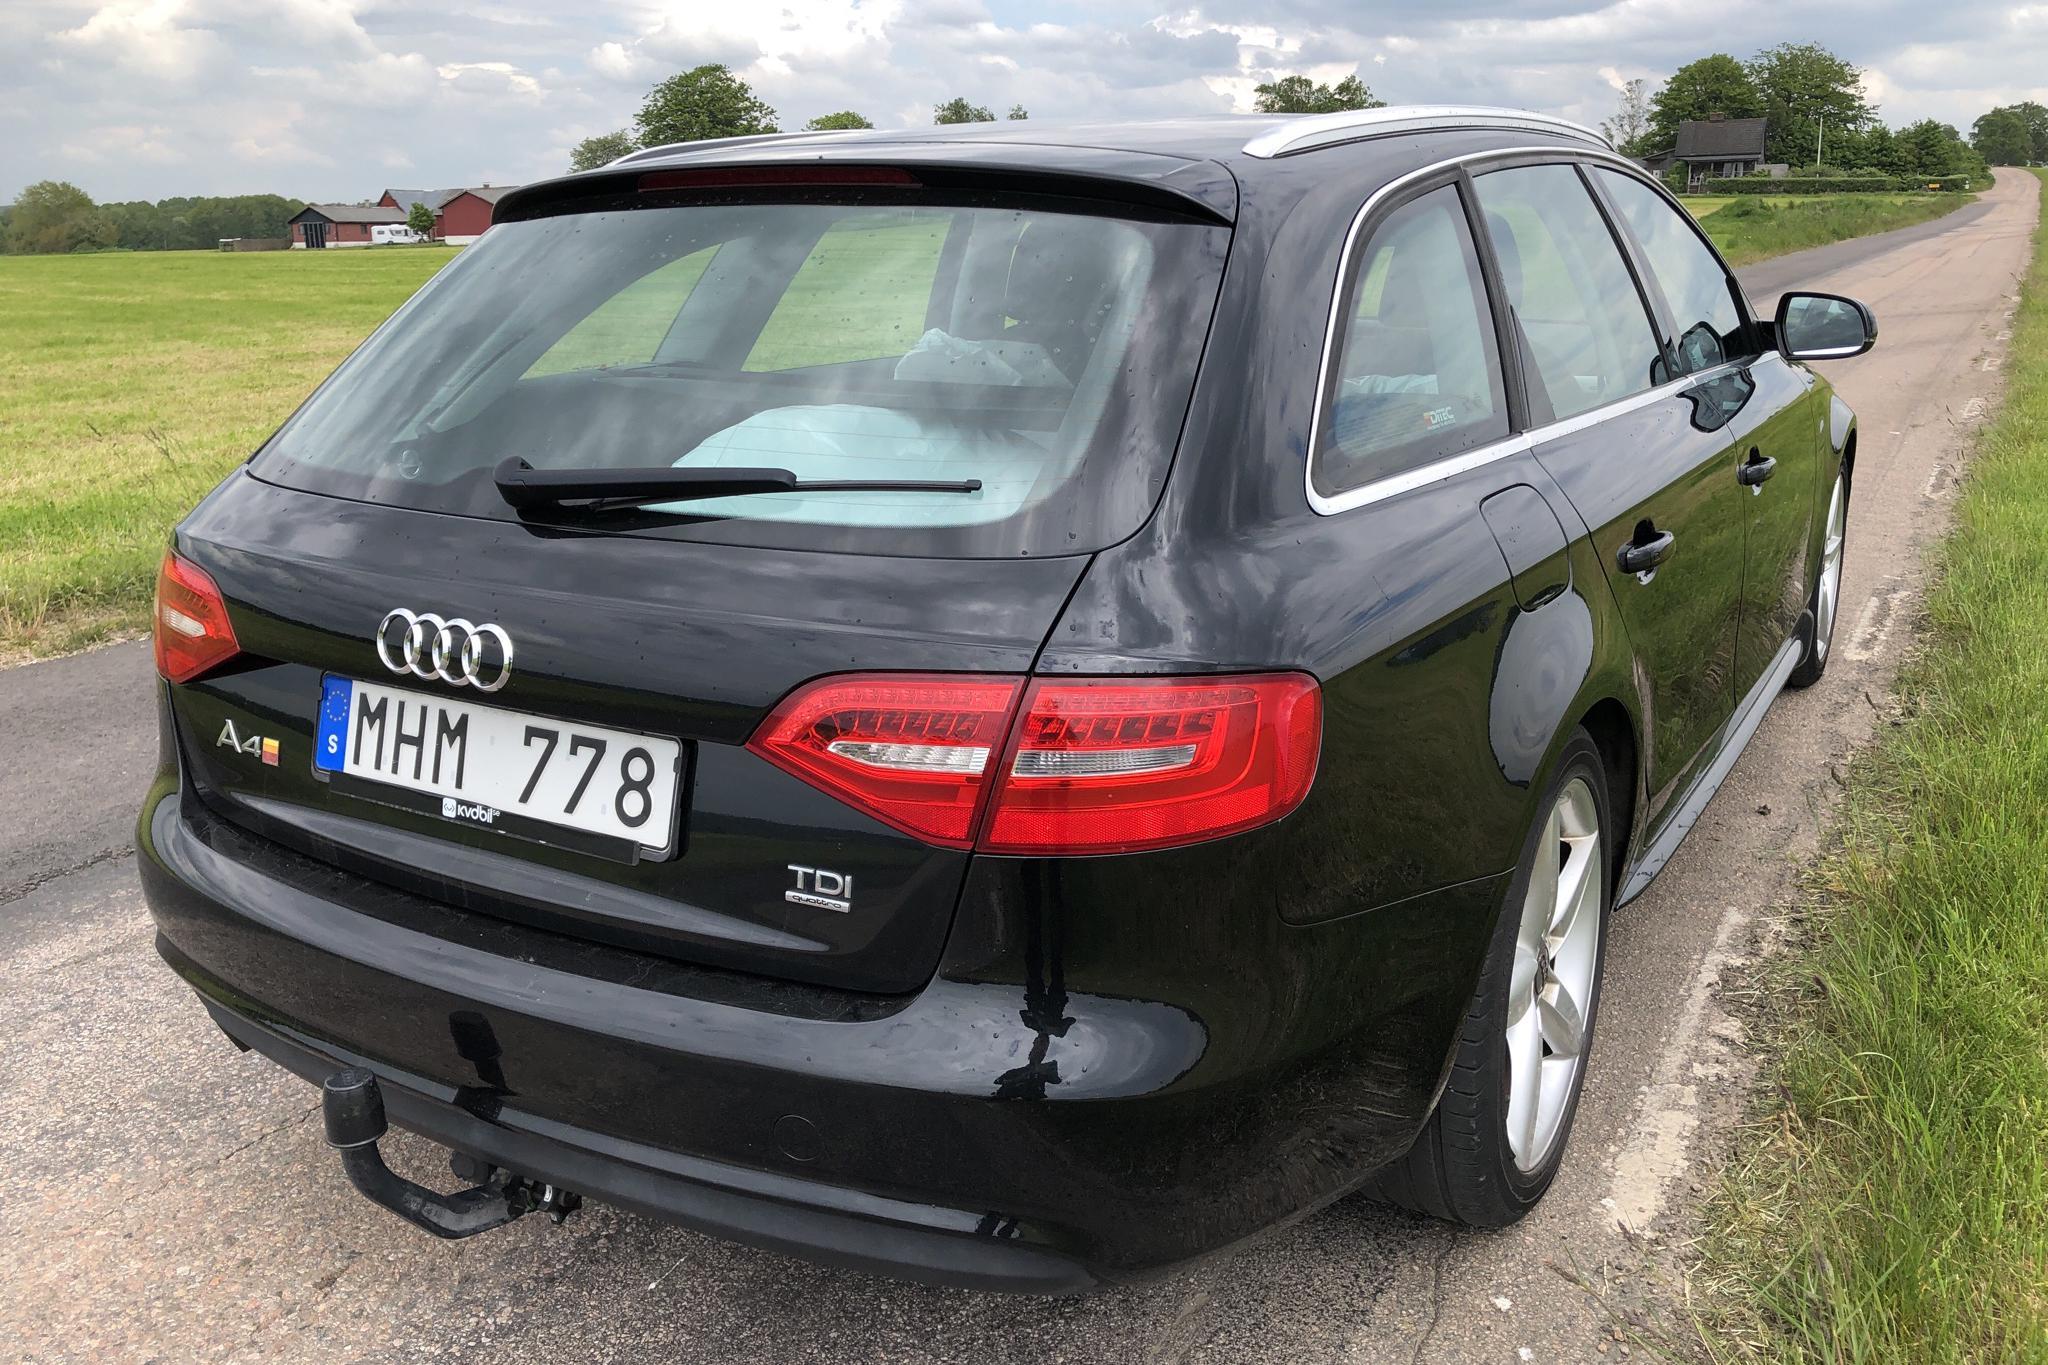 Audi A4 2.0 TDI Avant quattro (177hk) - 15 932 mil - Manuell - svart - 2013